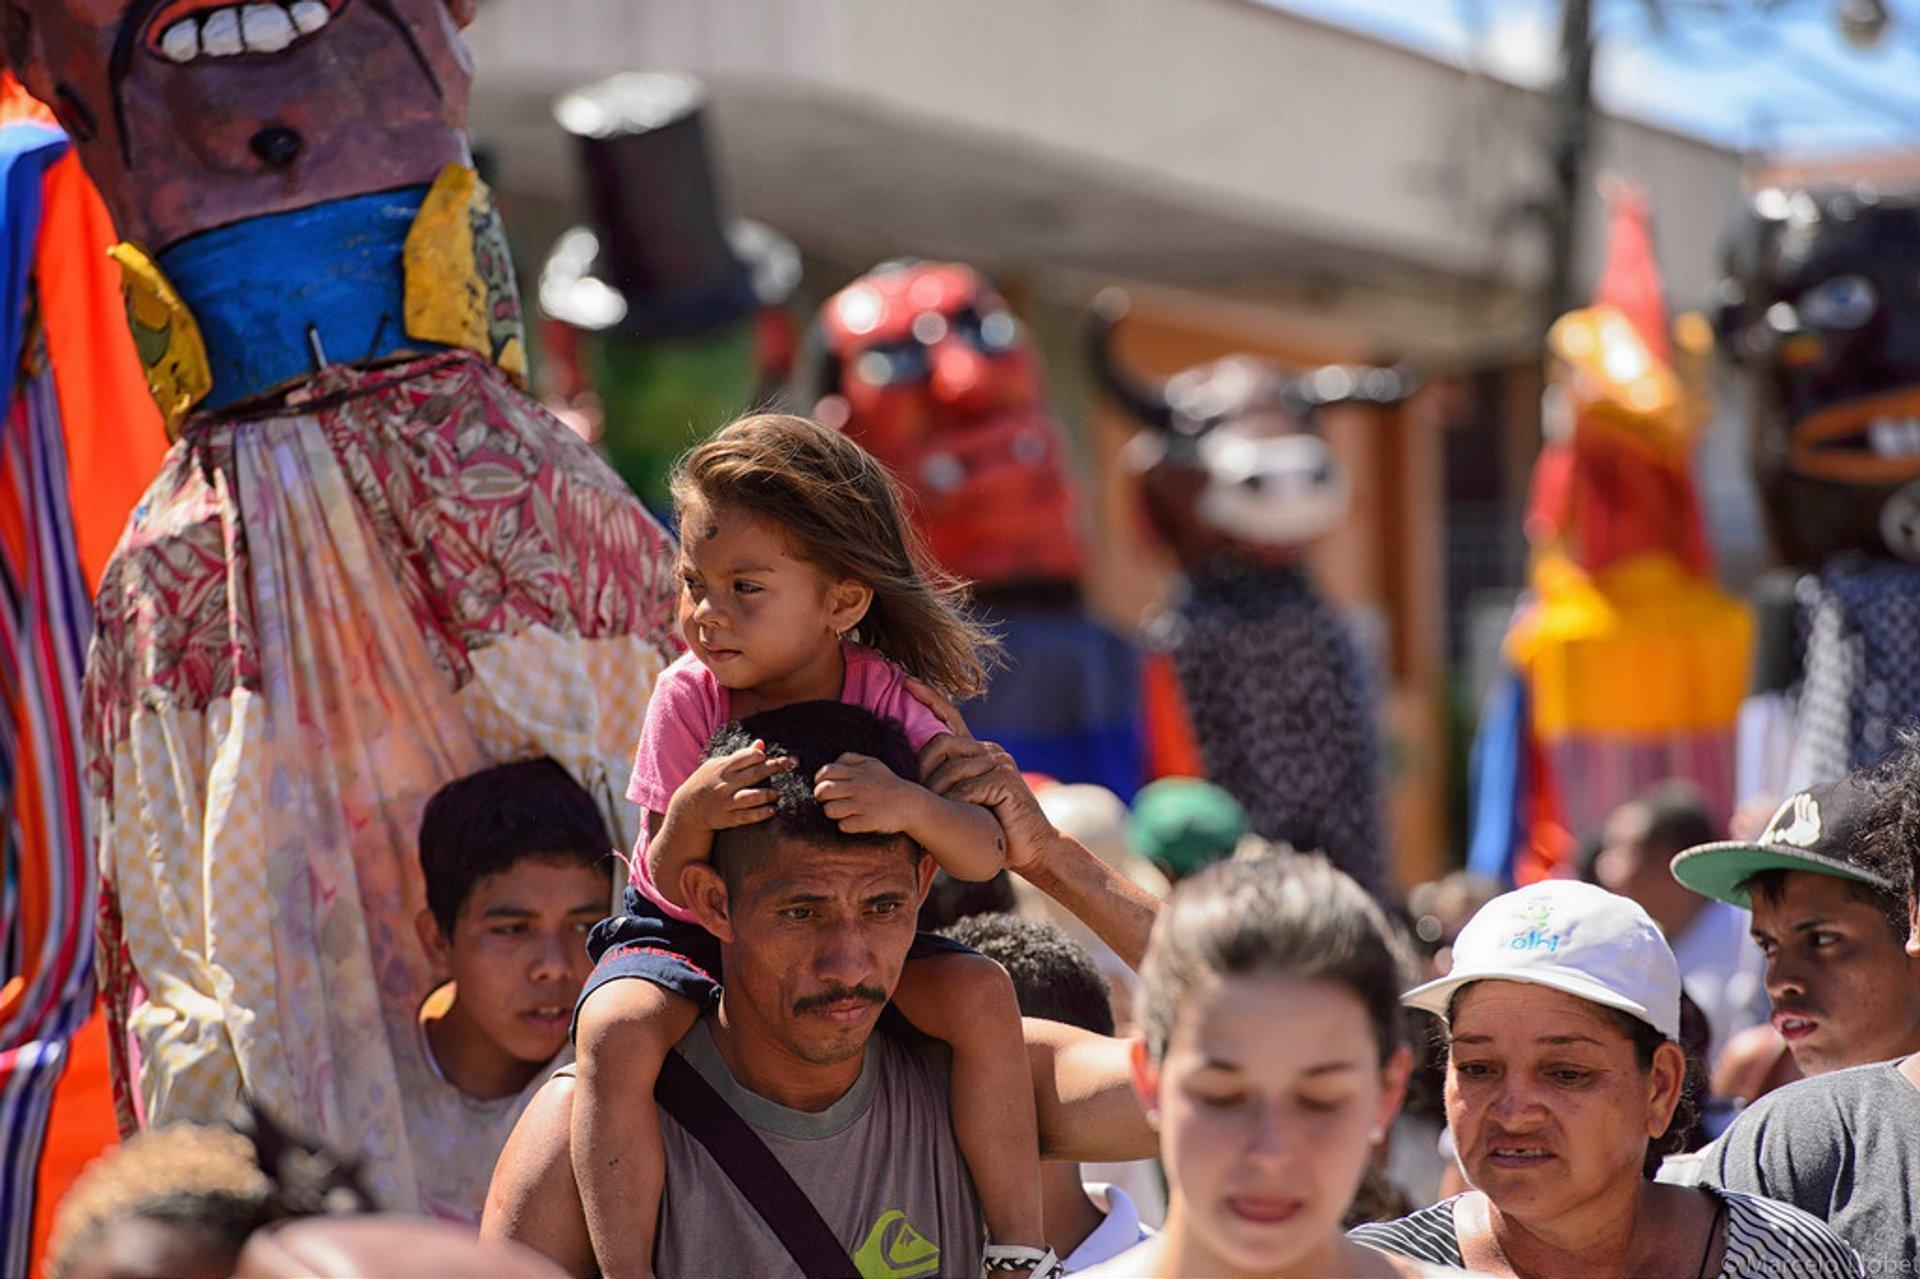 Fiestas Típicas Nacionales Santa Cruz in Costa Rica 2020 - Best Time